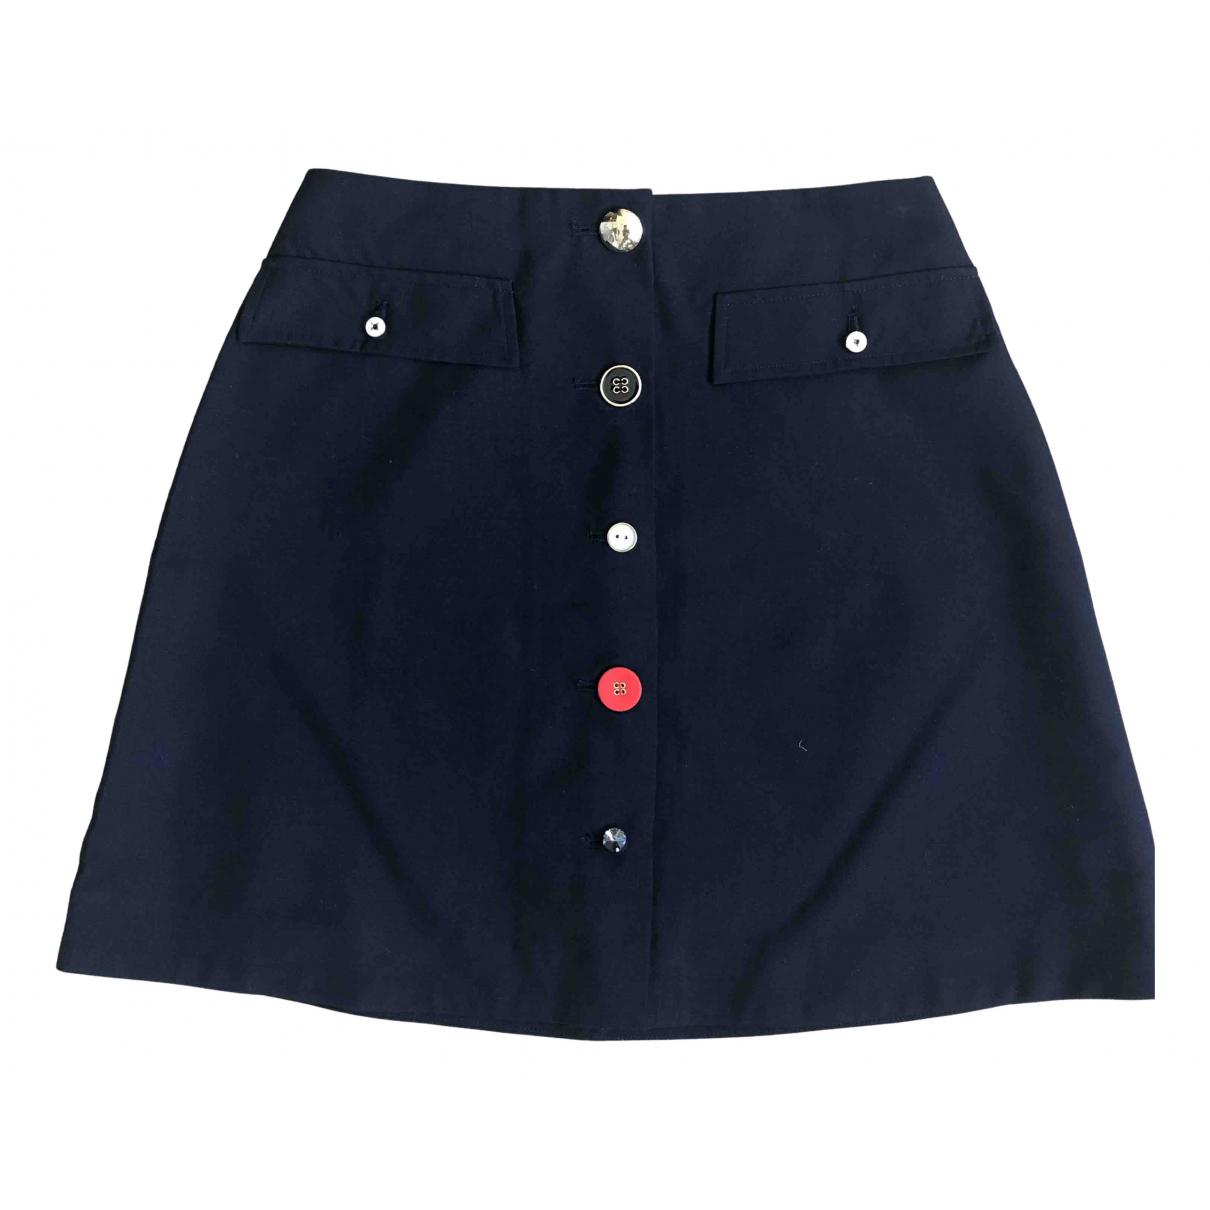 Ports 1961 \N Navy skirt for Women 36 FR